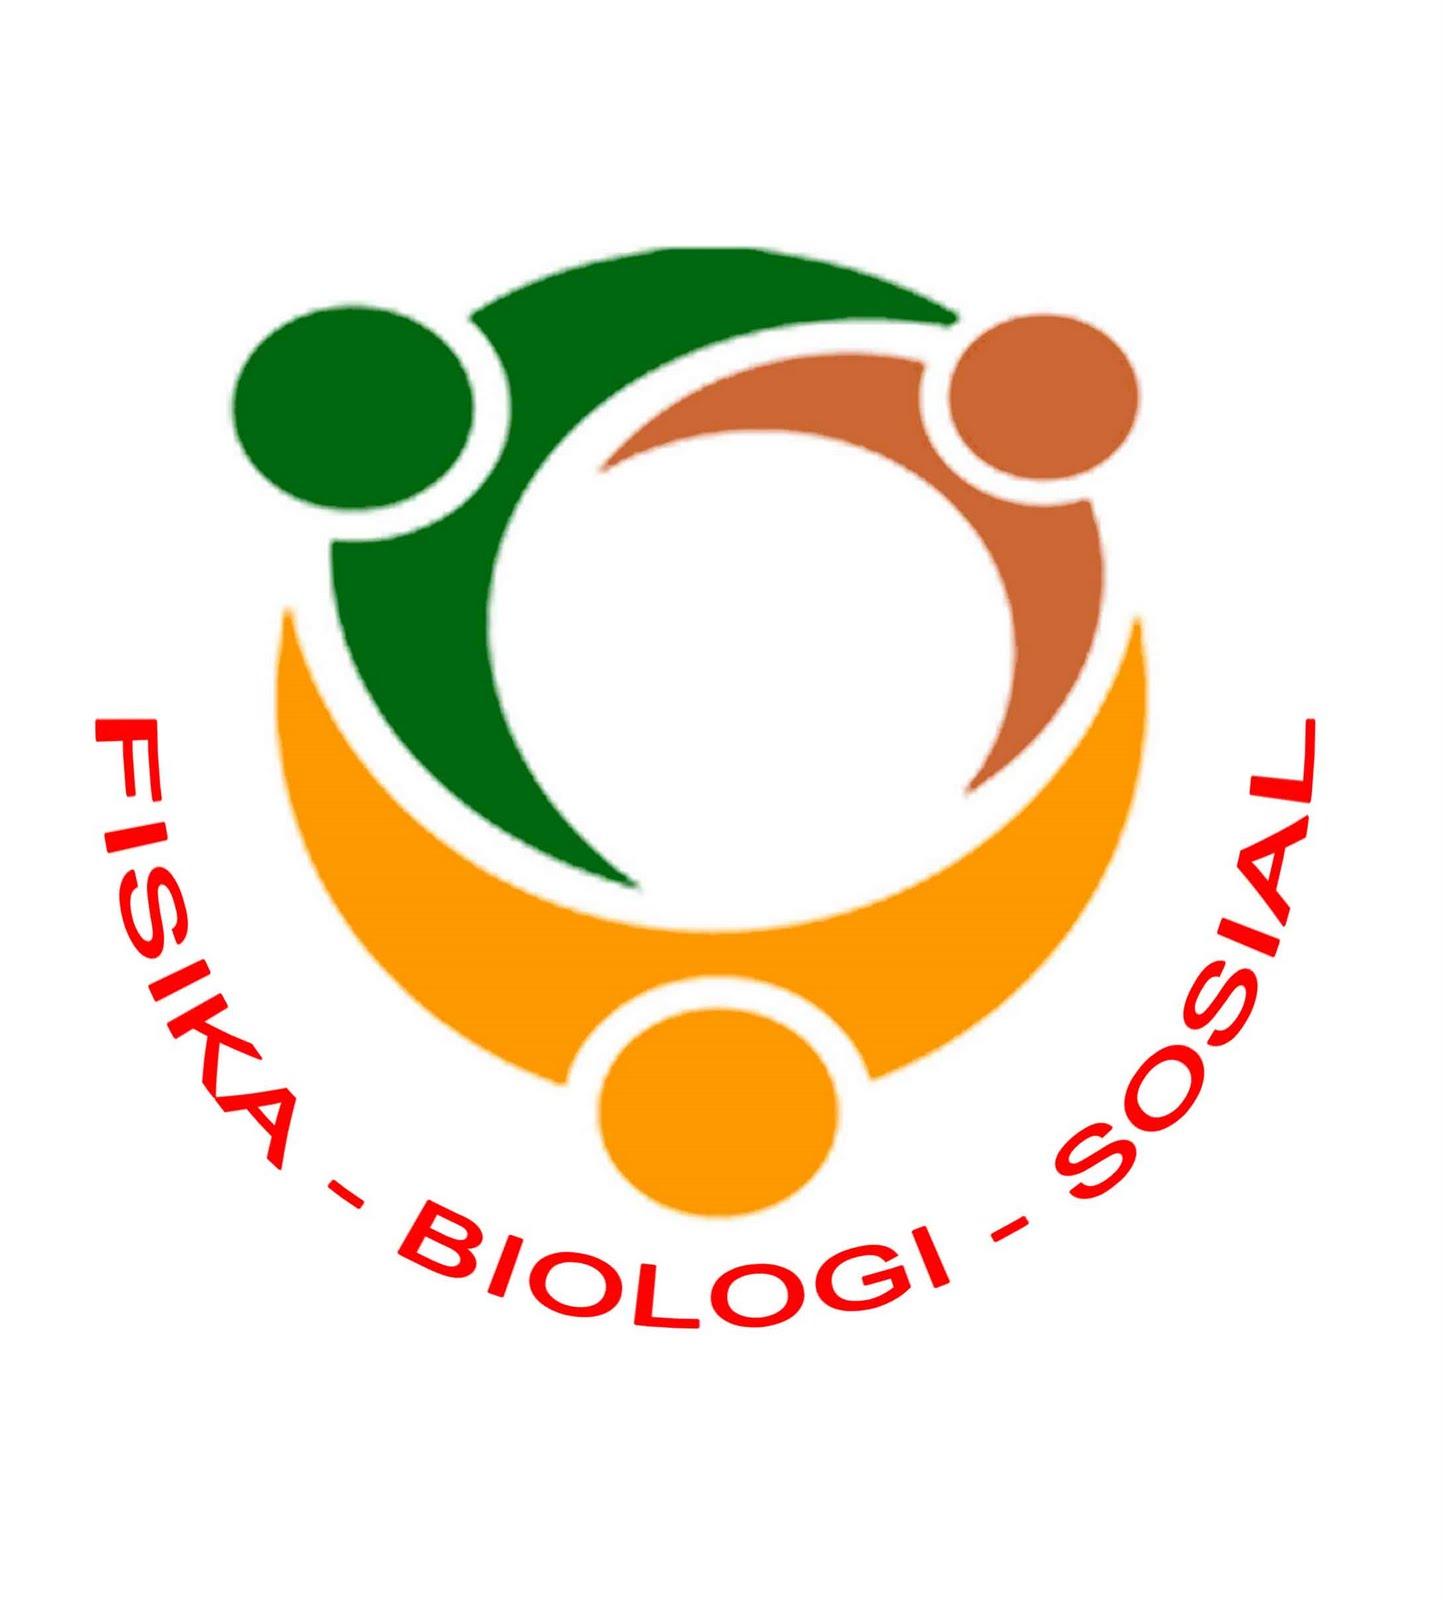 Macam Macam Logo